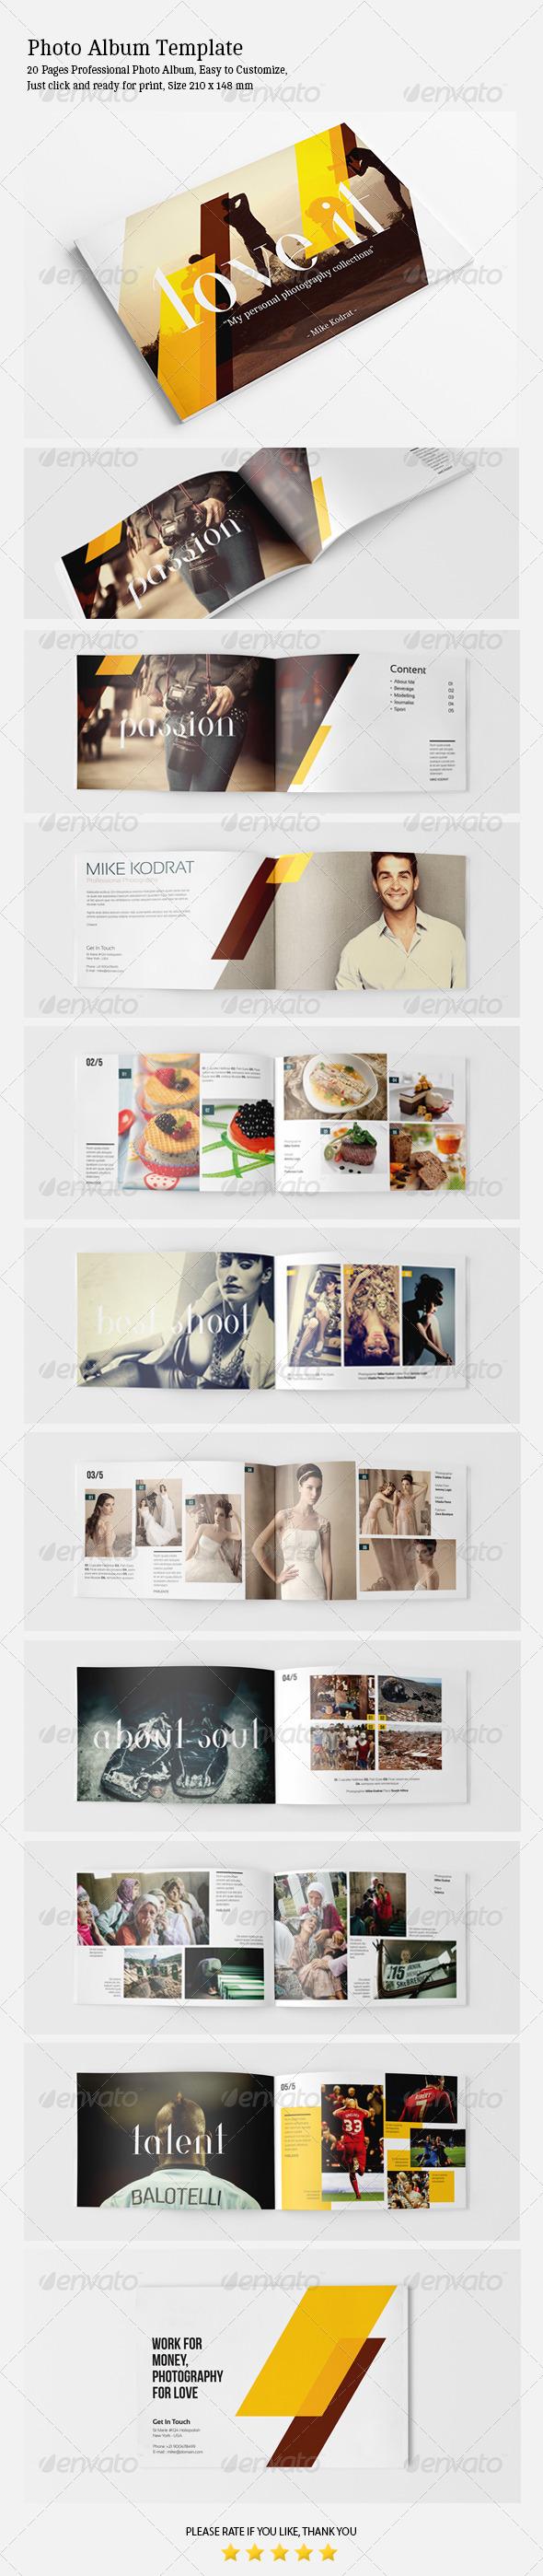 GraphicRiver Photo Album Template 4736280